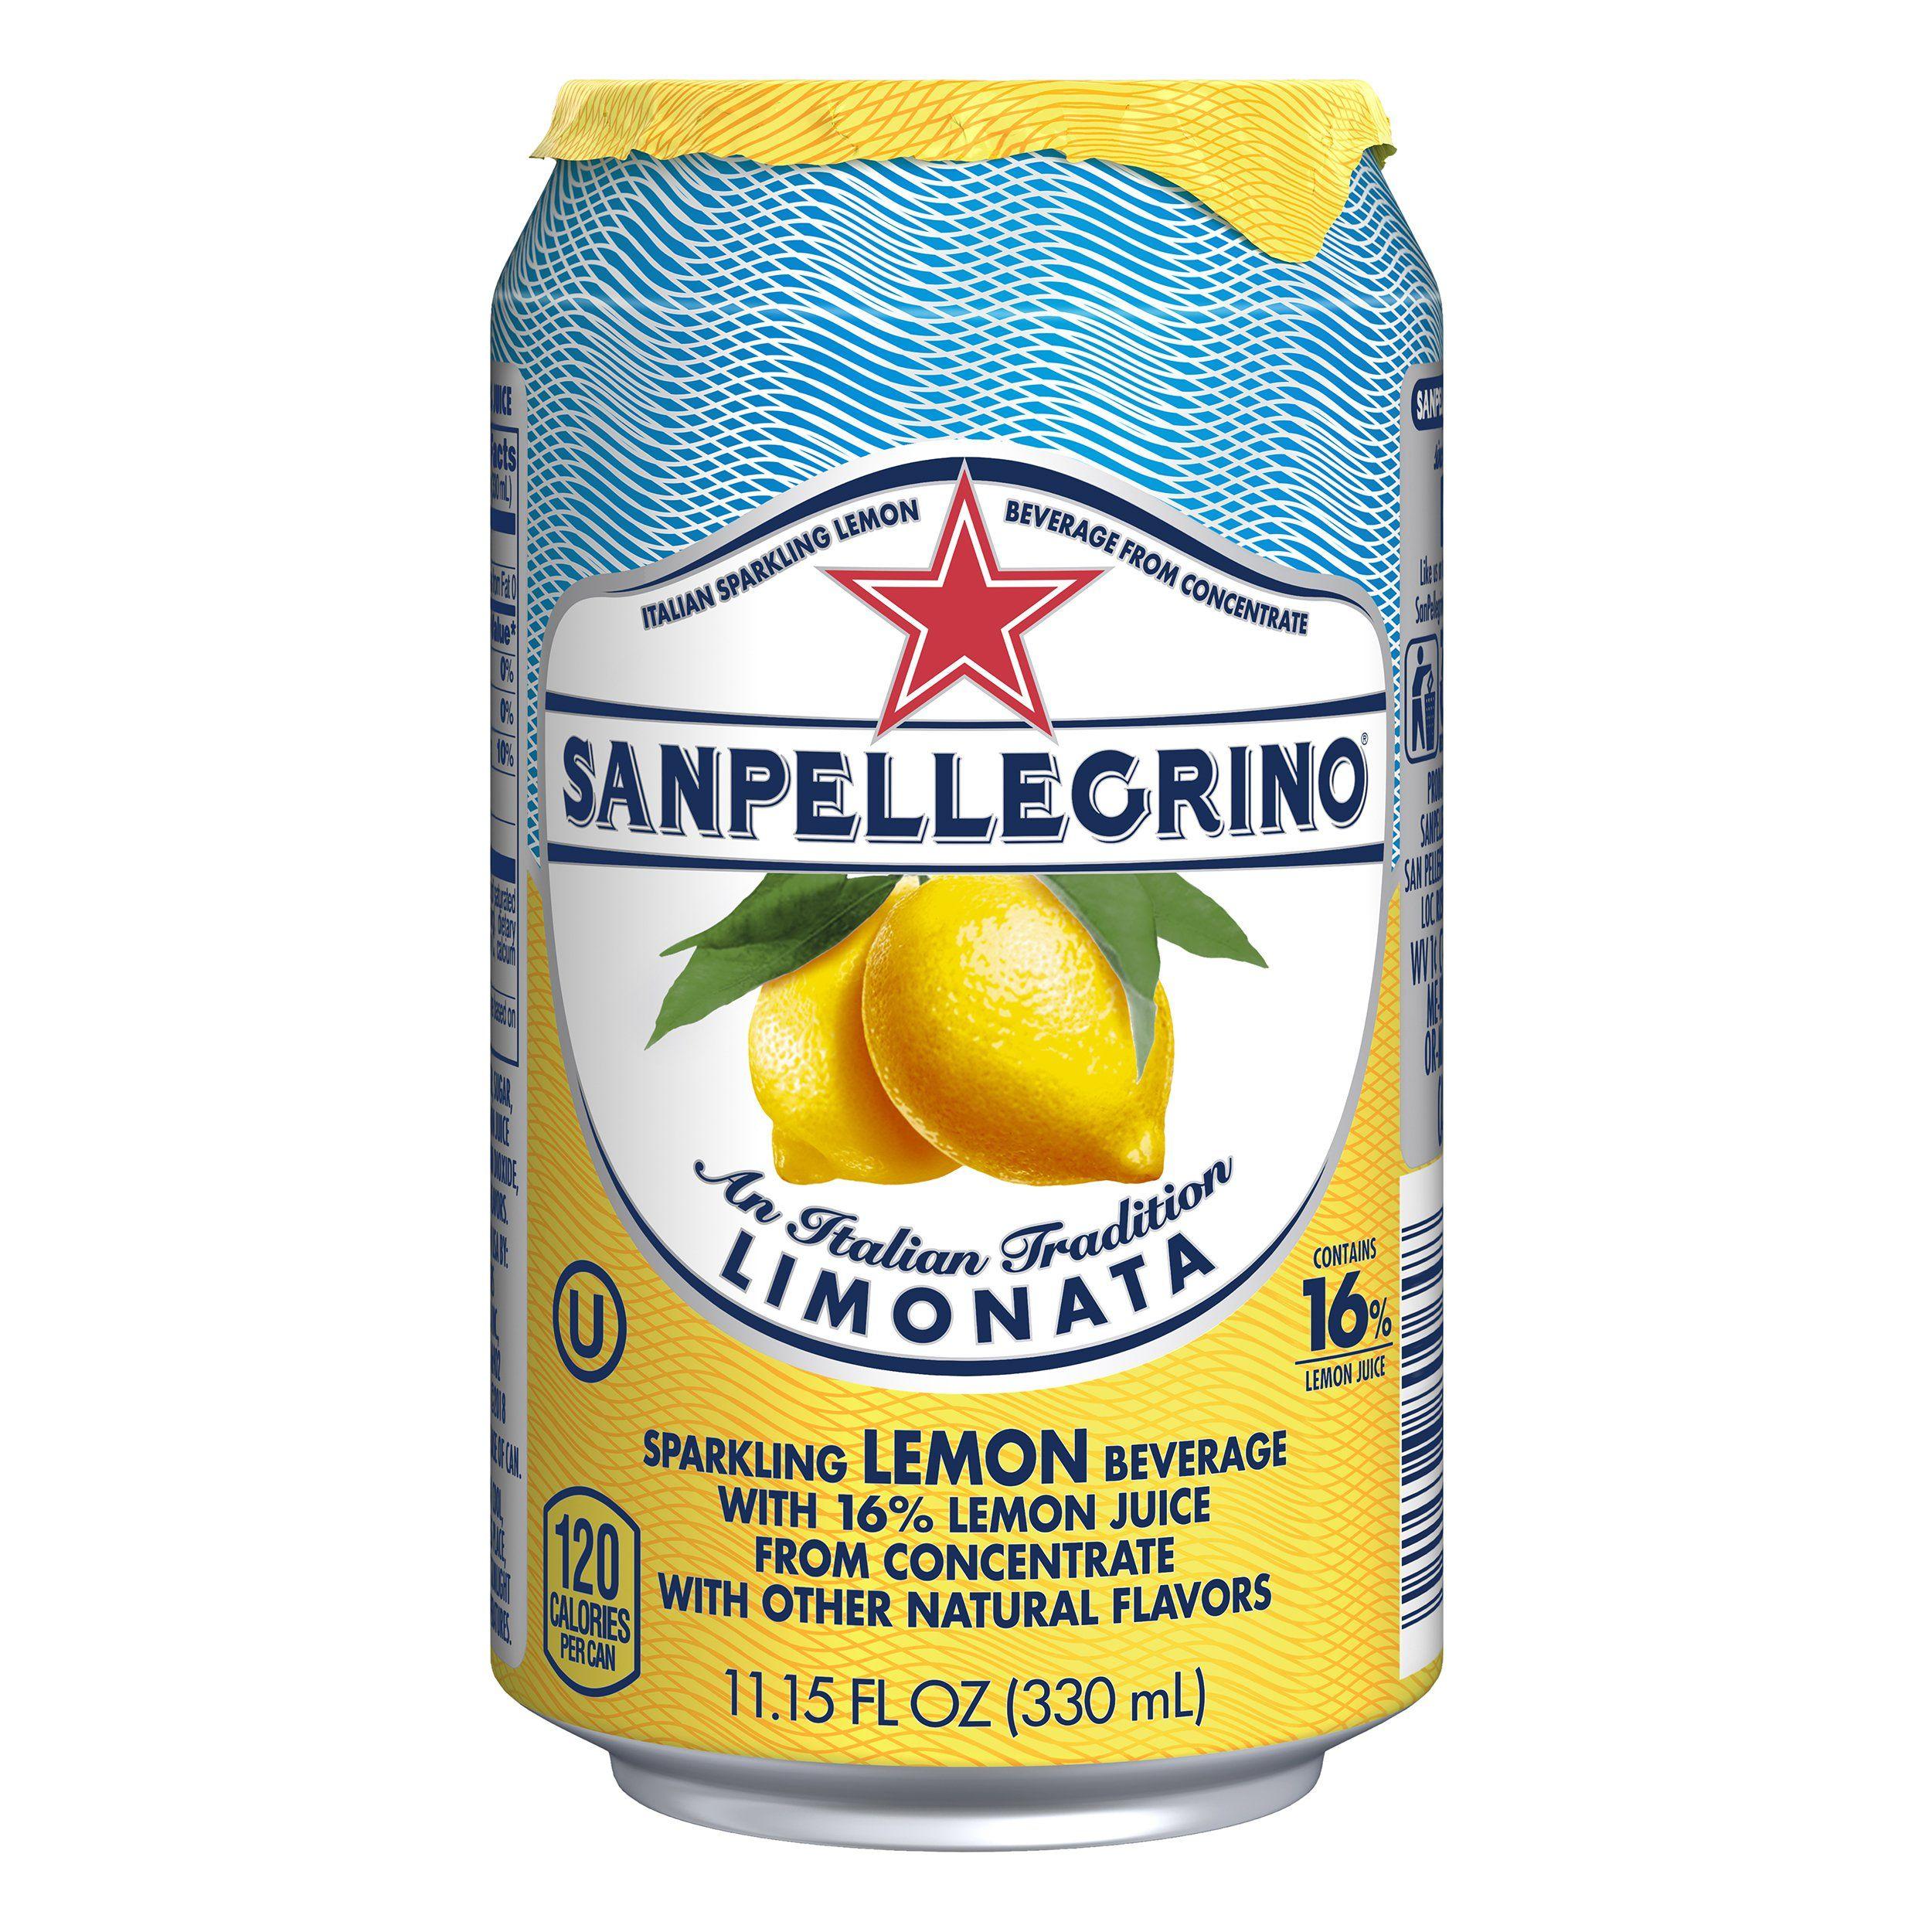 Sanpellegrino Lemon Sparkling Fruit Beverage 11.15 fl oz